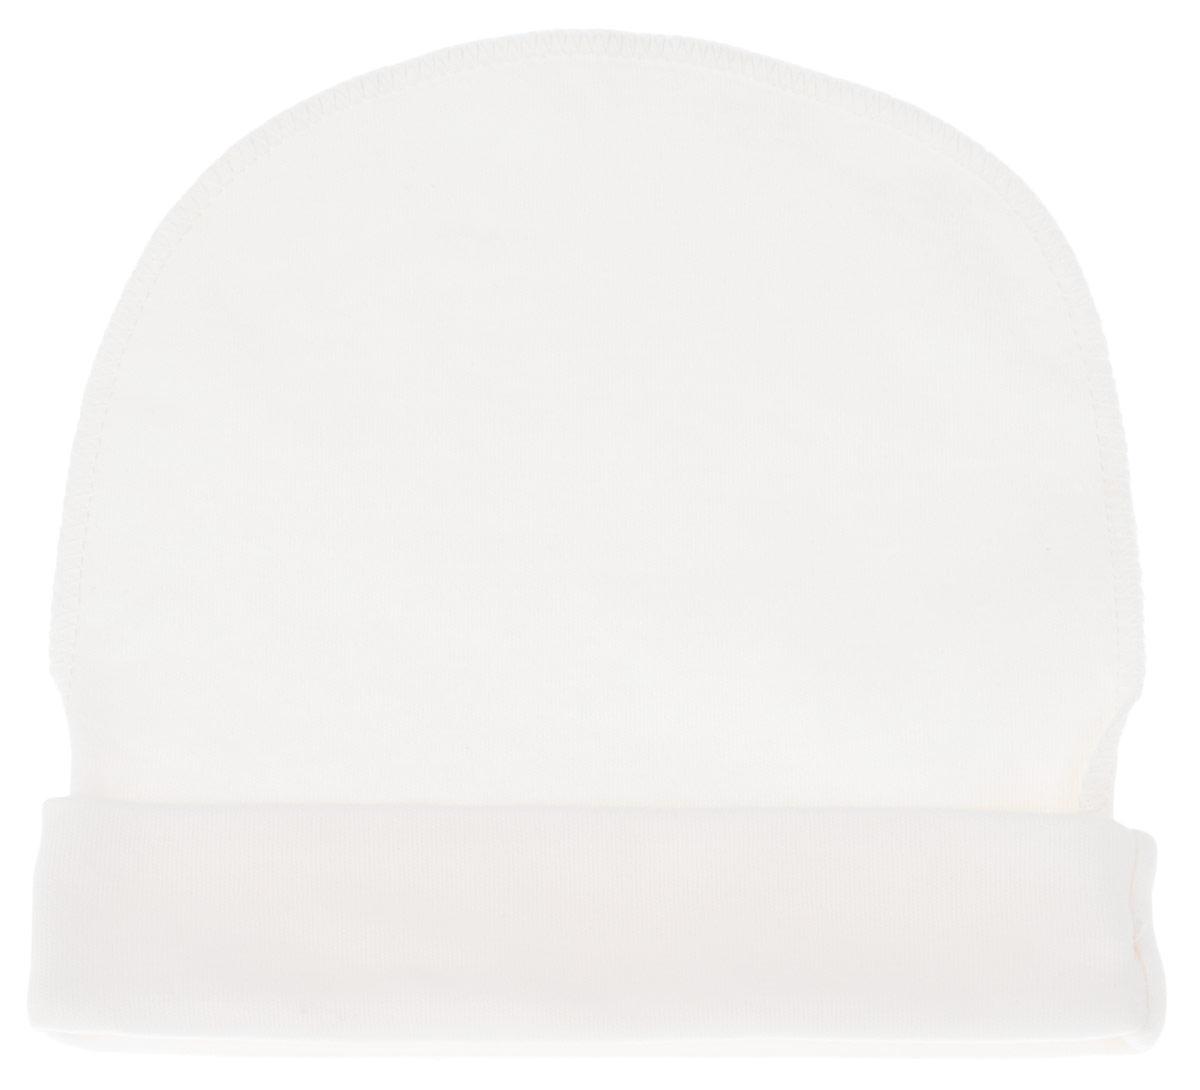 Шапочка. 38843884Комфортная шапочка КотМарКот защитит еще не заросший родничок вашего ребенка от ветра и от палящего солнца. Шапочка изготовлена из натурального хлопка - интерлока, благодаря чему она необычайно мягкая и легкая, не раздражает нежную кожу ребенка и хорошо вентилируется, а эластичные швы, выполненные наружу, приятны телу младенца и не препятствуют его движениям. Шапочка дополнена декоративным отворотом. В такой шапочке ваш ребенок будет чувствовать себя уютно и комфортно!